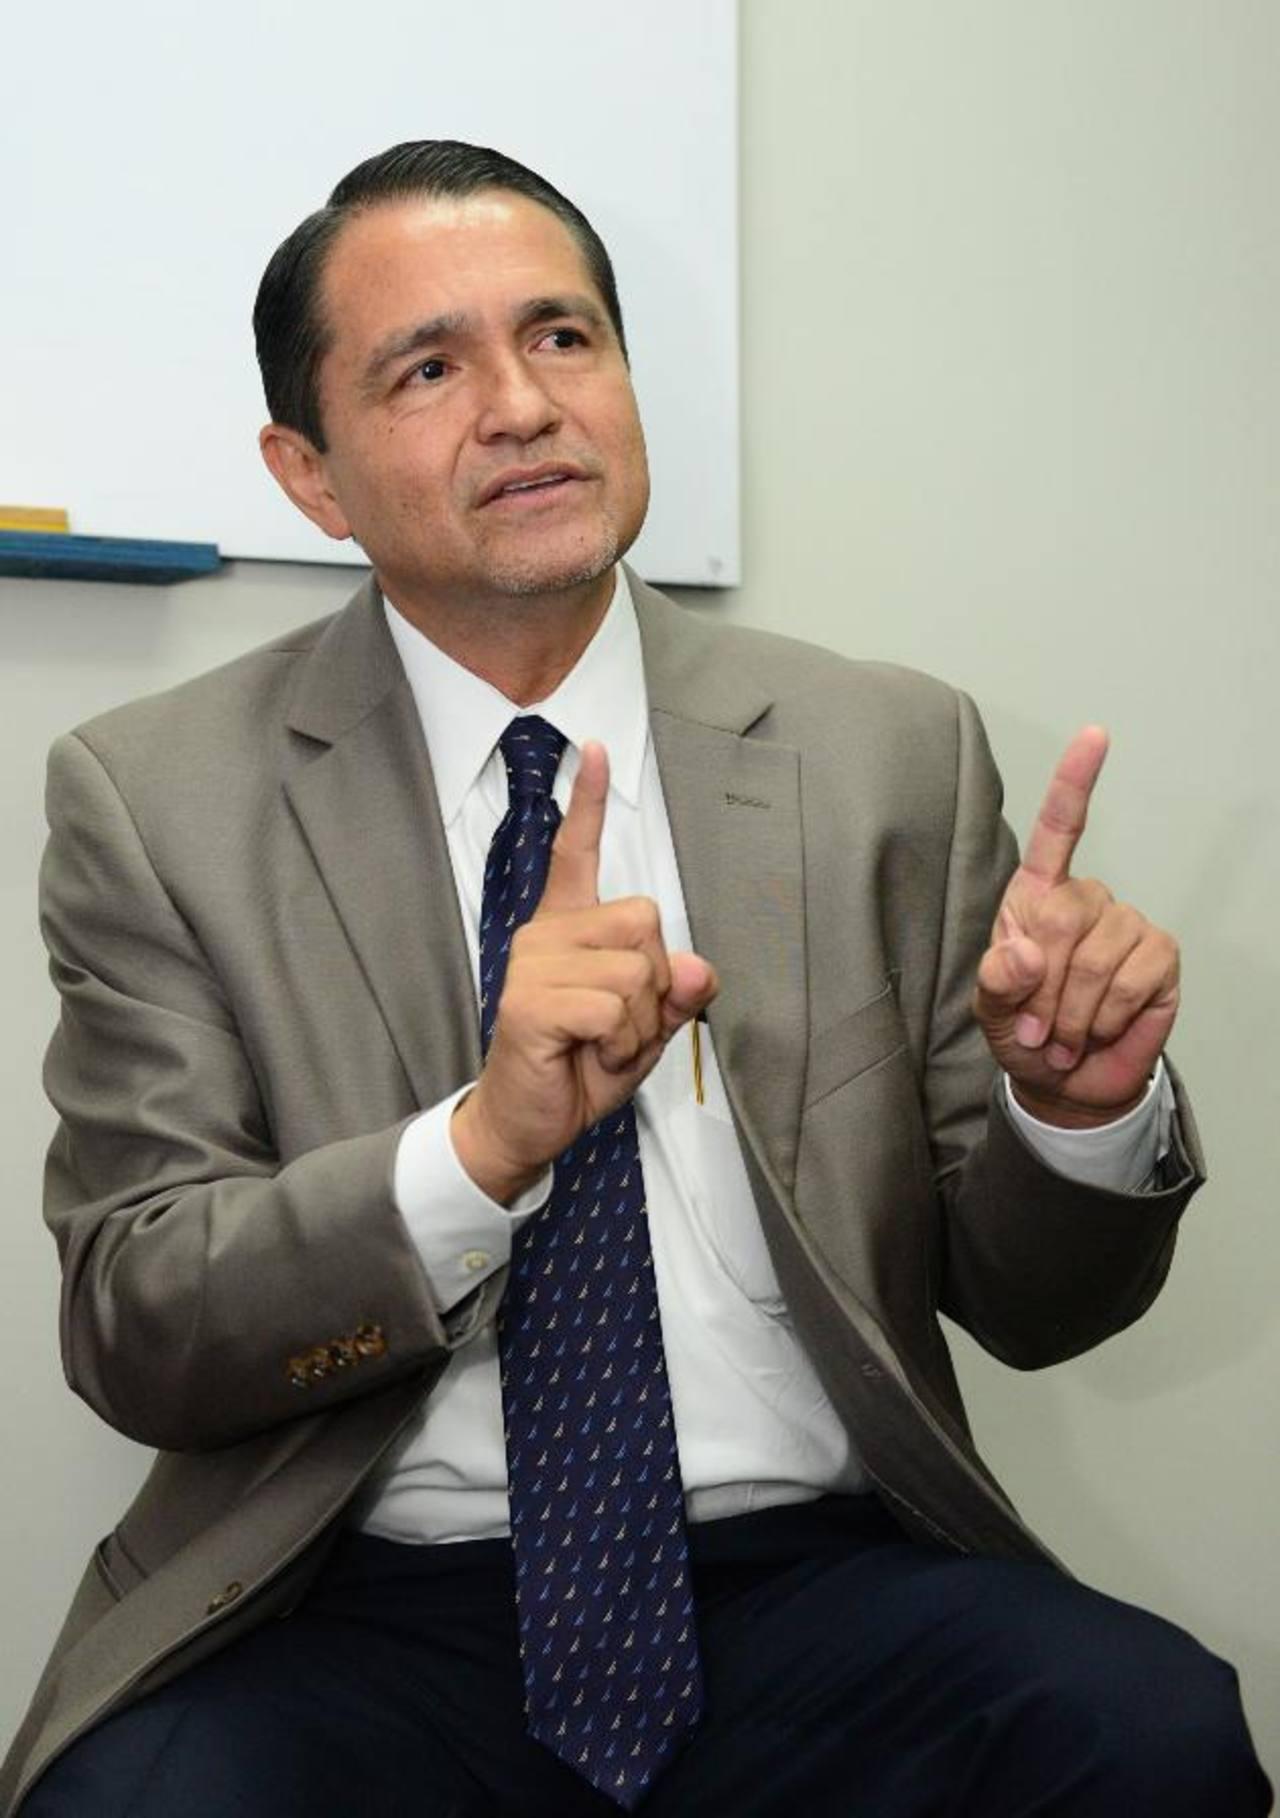 René Castellón es el abogado defensor del exministro de Obras Públicas, Jorge Nieto, en el caso de la Diego de Holguín. Foto EDH / Archivo.